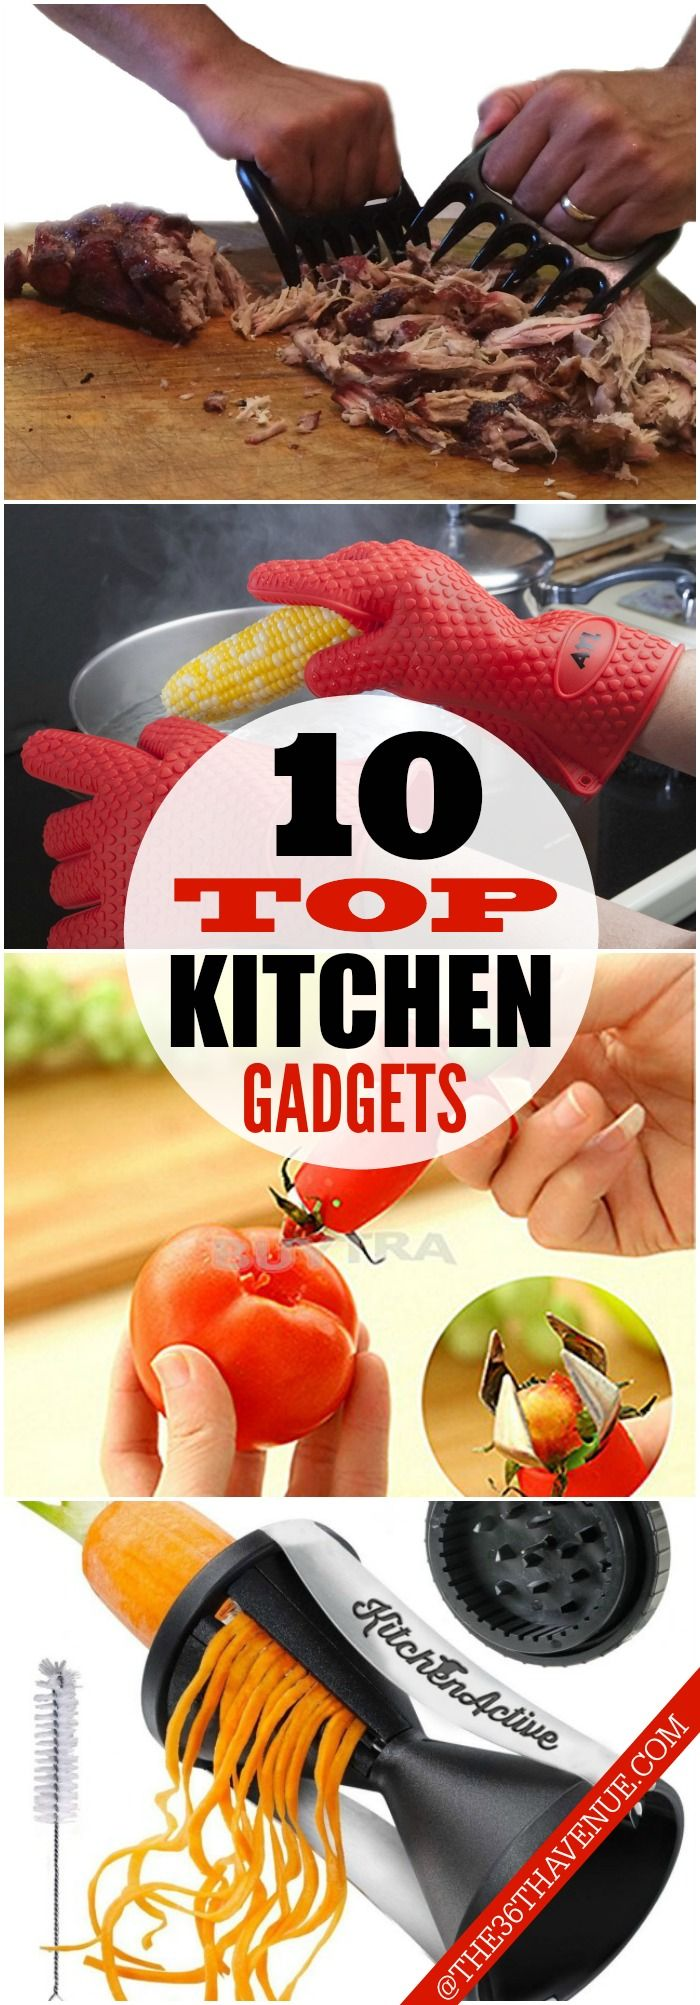 Best Cool Kitchen Appliances Ideas On Pinterest Dishwasher - Top ten kitchen appliances